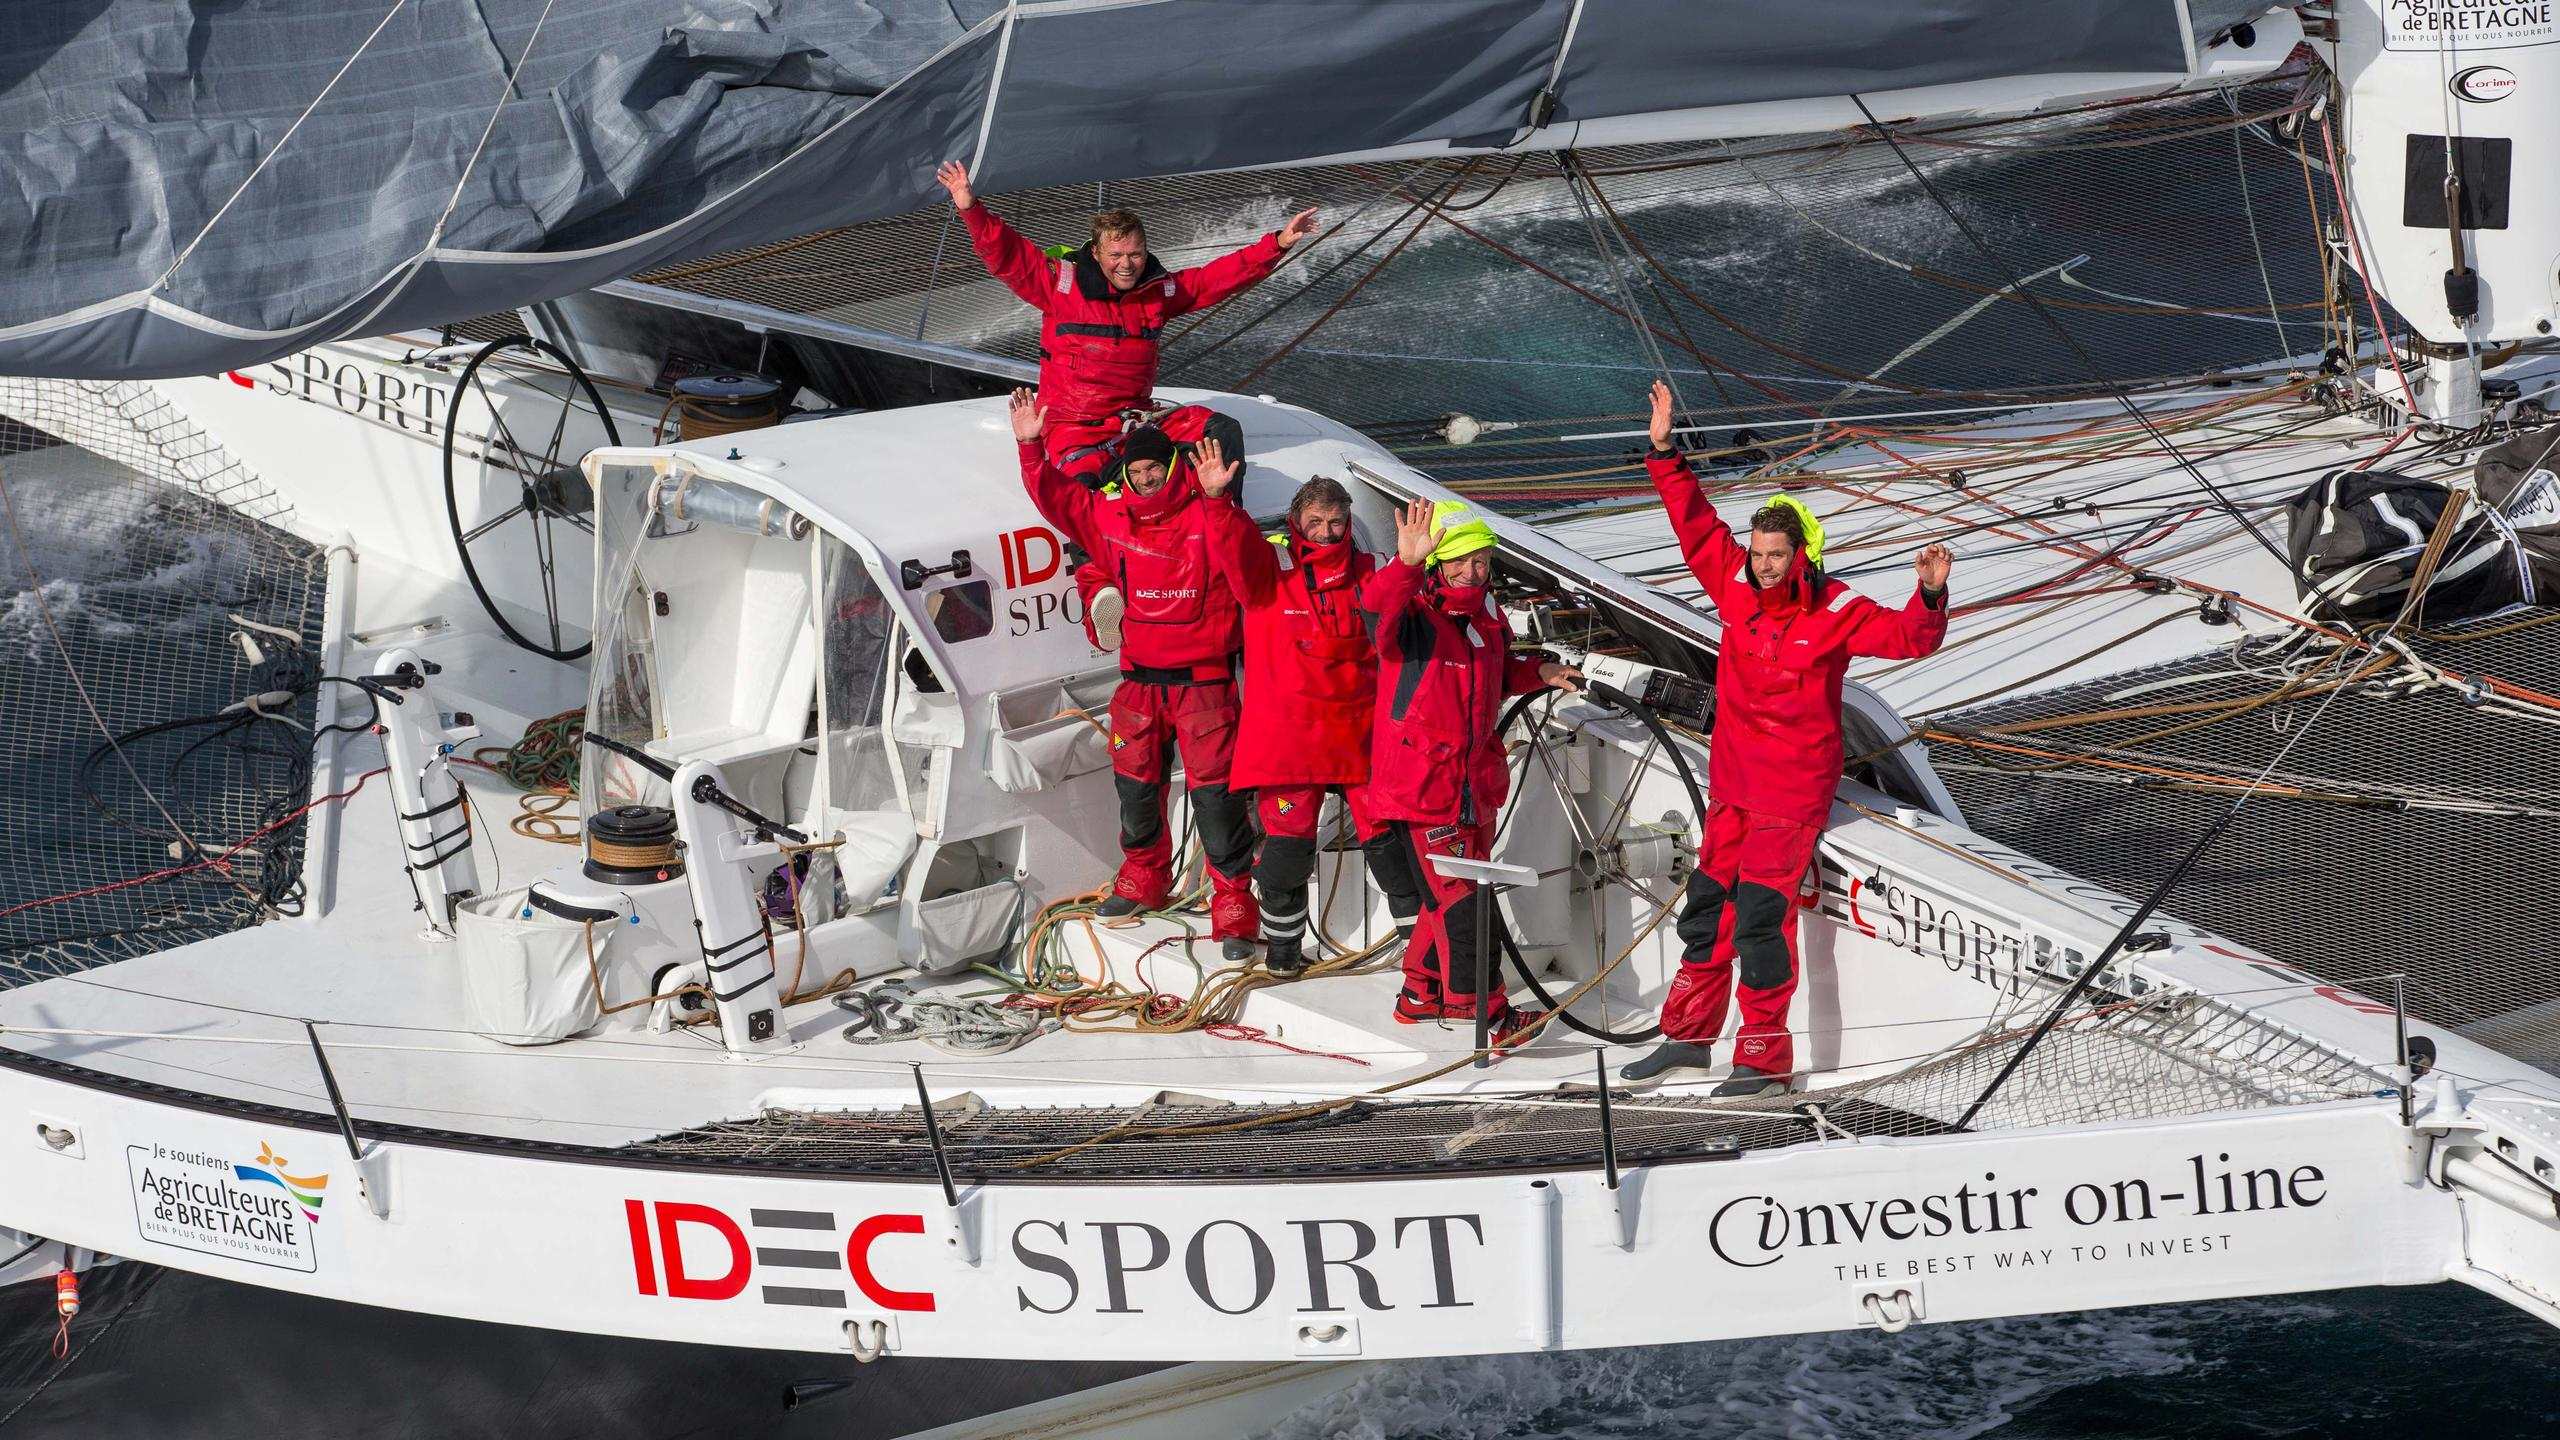 idec sport trimaran racing yacht multiplast 2006 31m record team